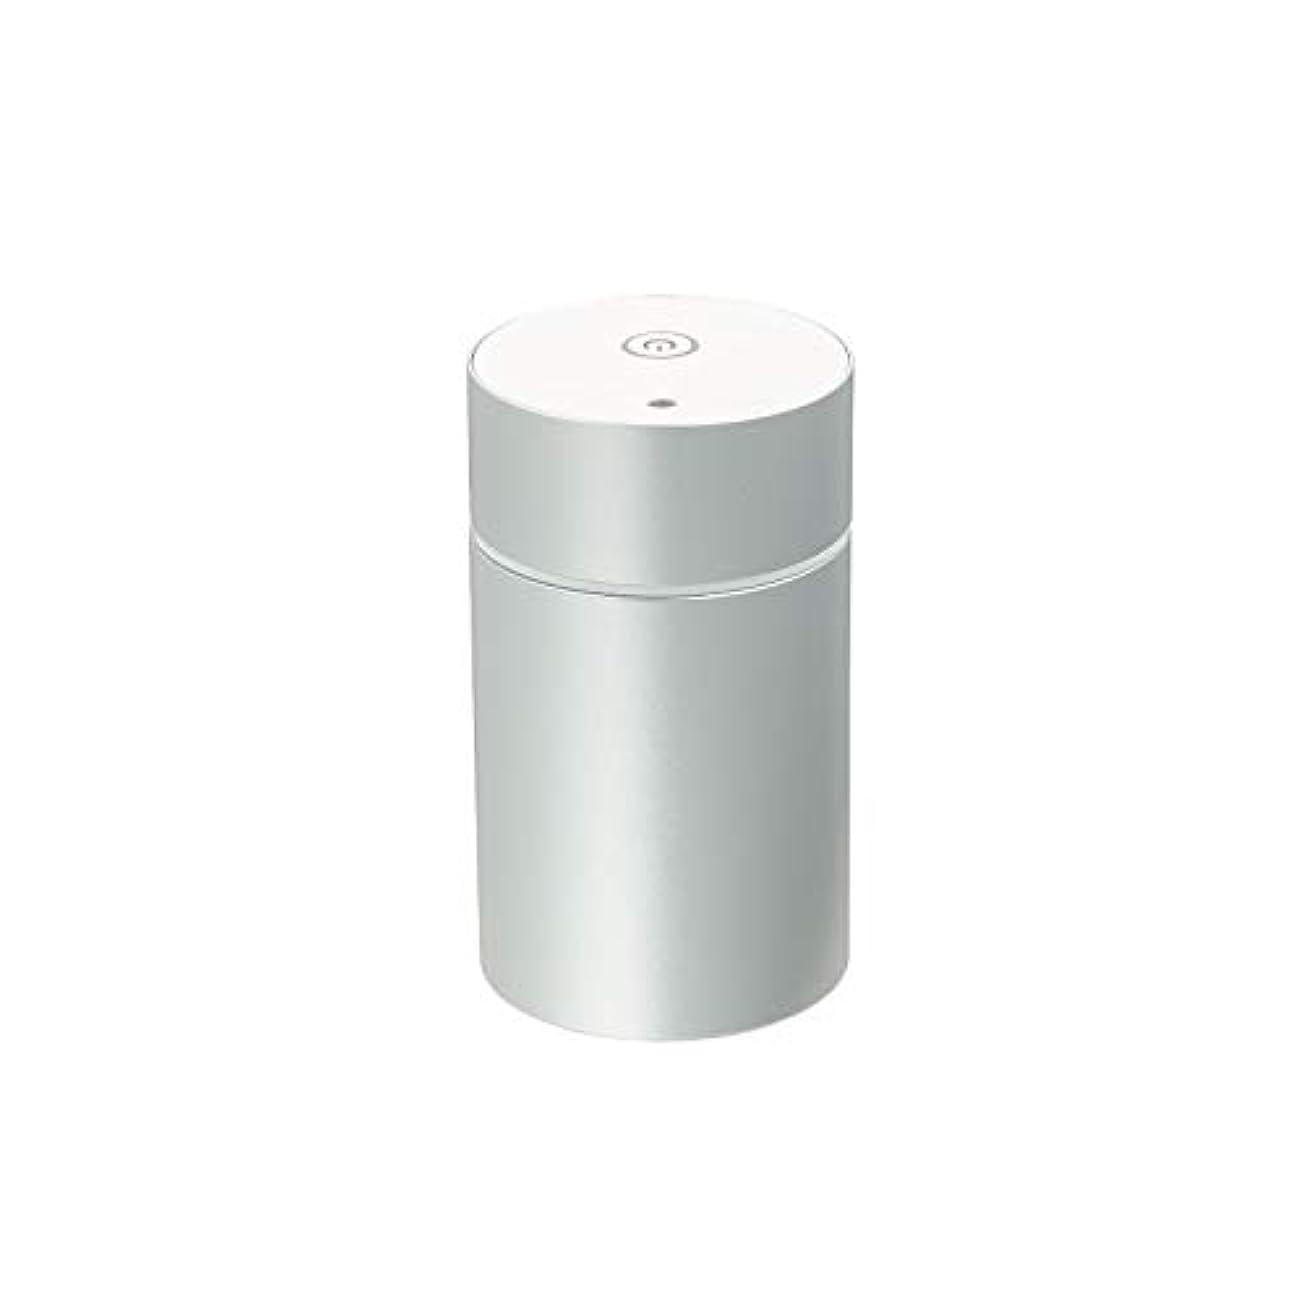 品揃えプロポーショナルのど生活の木 アロマディフューザー(シルバー)aromore mini(アロモアミニ) 08-801-7010